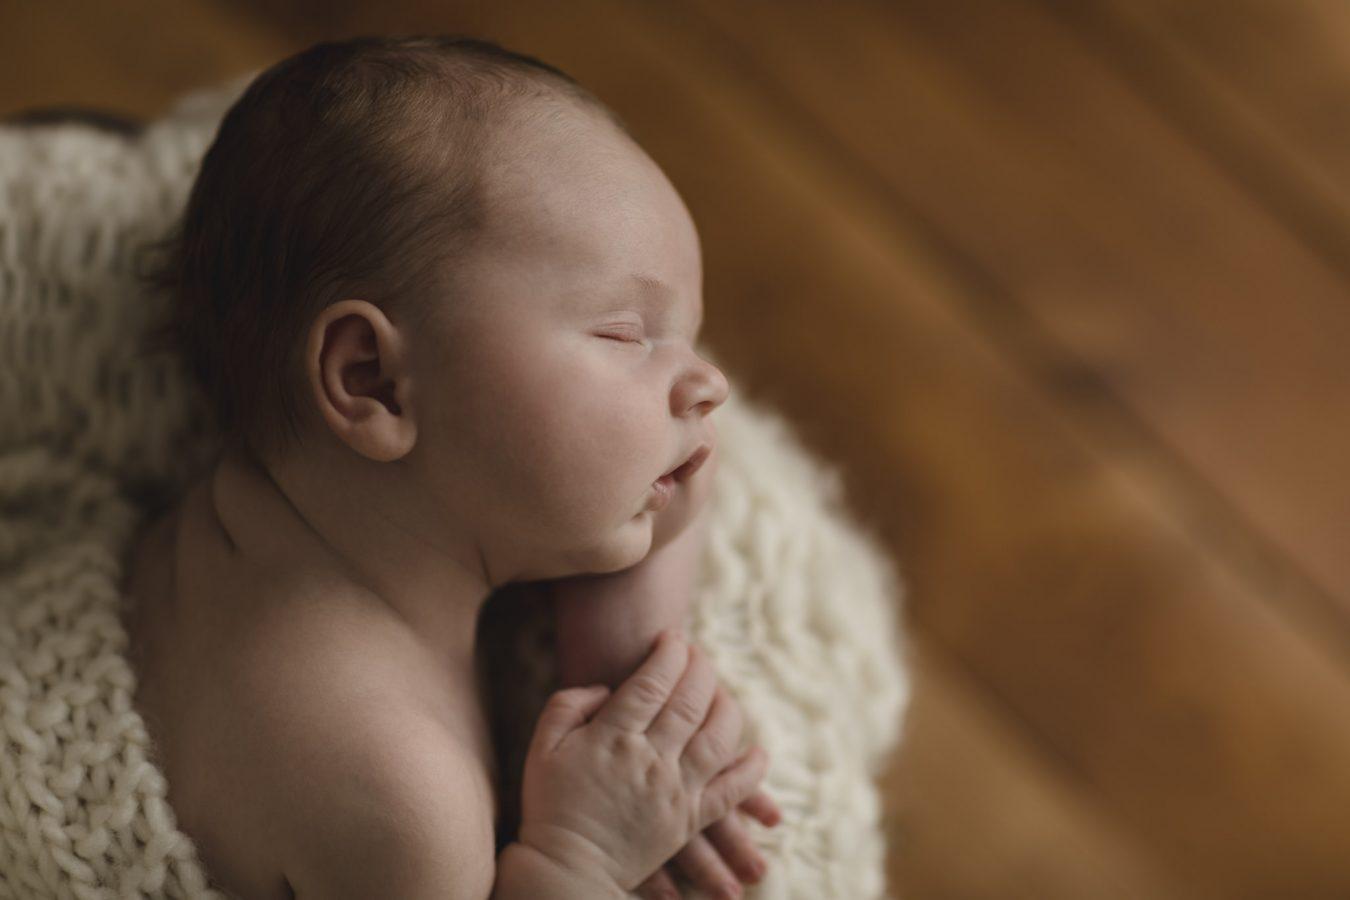 Babyfotograf Hamburg - Baby liegt auf dem Bauch und schläft